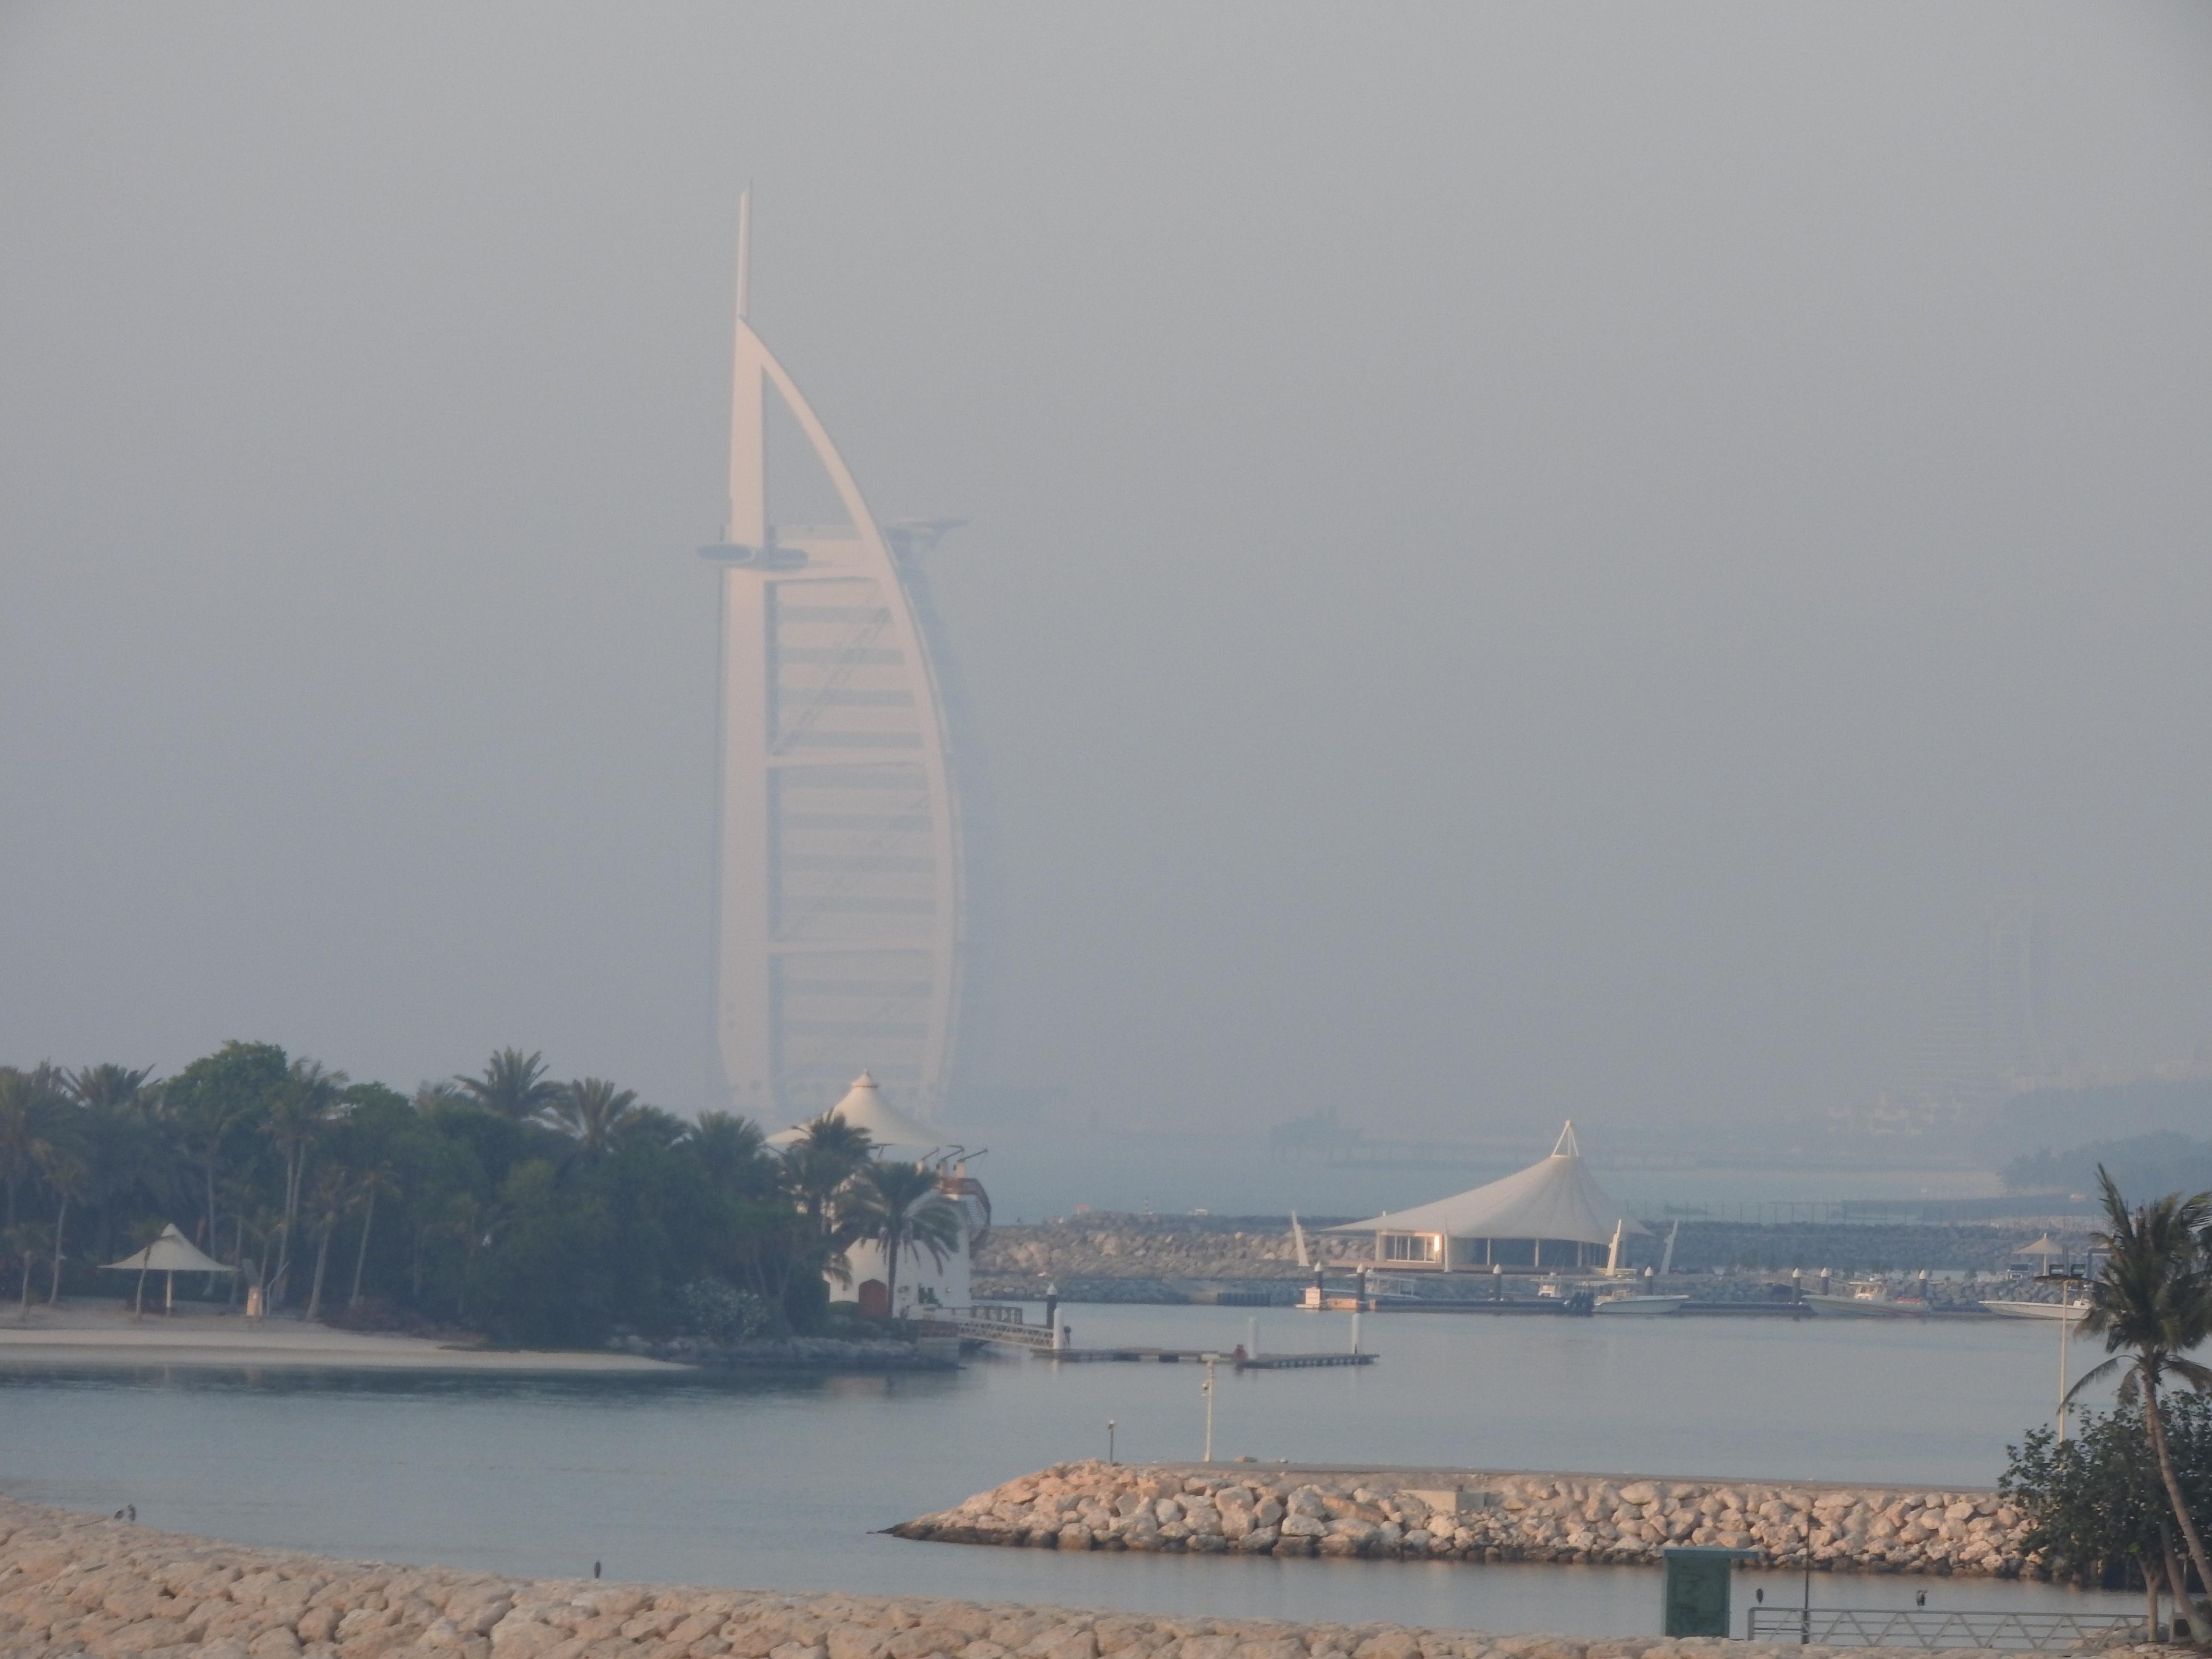 Wer hätte nicht gerne täglich meinen Ausblick von seinem Privatstrand auf The World zum Burj Al Arab? Aber so funktioniert FIRE nicht! (Und sorry: Strand finde ich einfach langweilig!) / Bild-Quelle: Privat